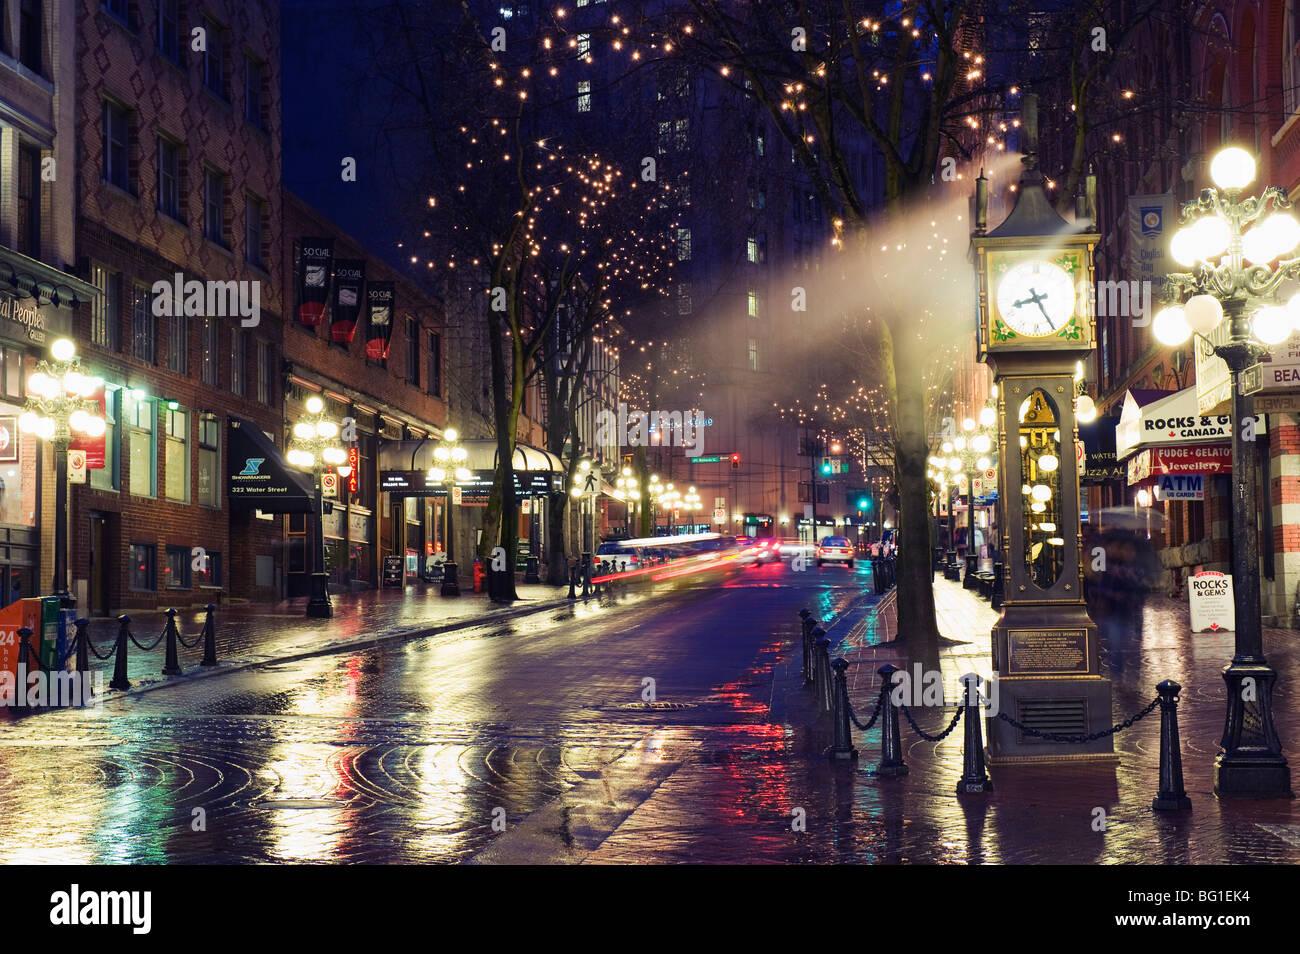 Il vapore orologio a notte sul Water Street, Gastown, Vancouver, British Columbia, Canada, America del Nord Immagini Stock